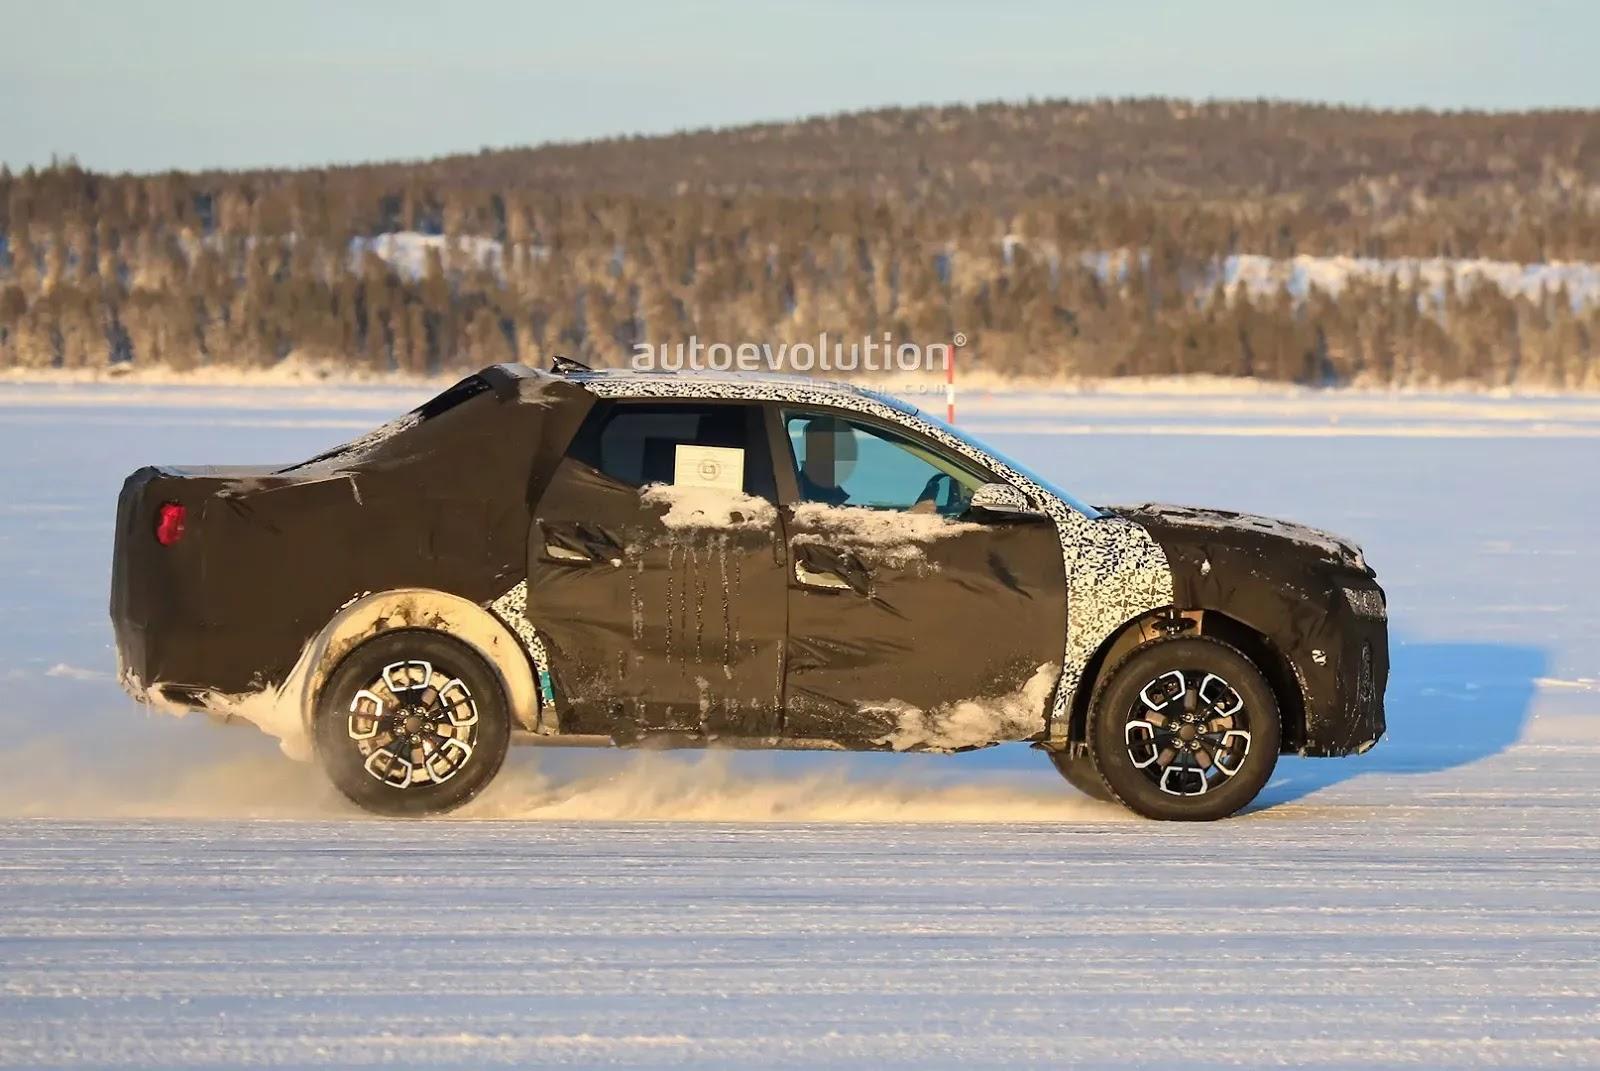 Bán tải Hyundai Santa Cruz đấu Ford Ranger bằng giá rẻ, mượn động cơ Santa Fe